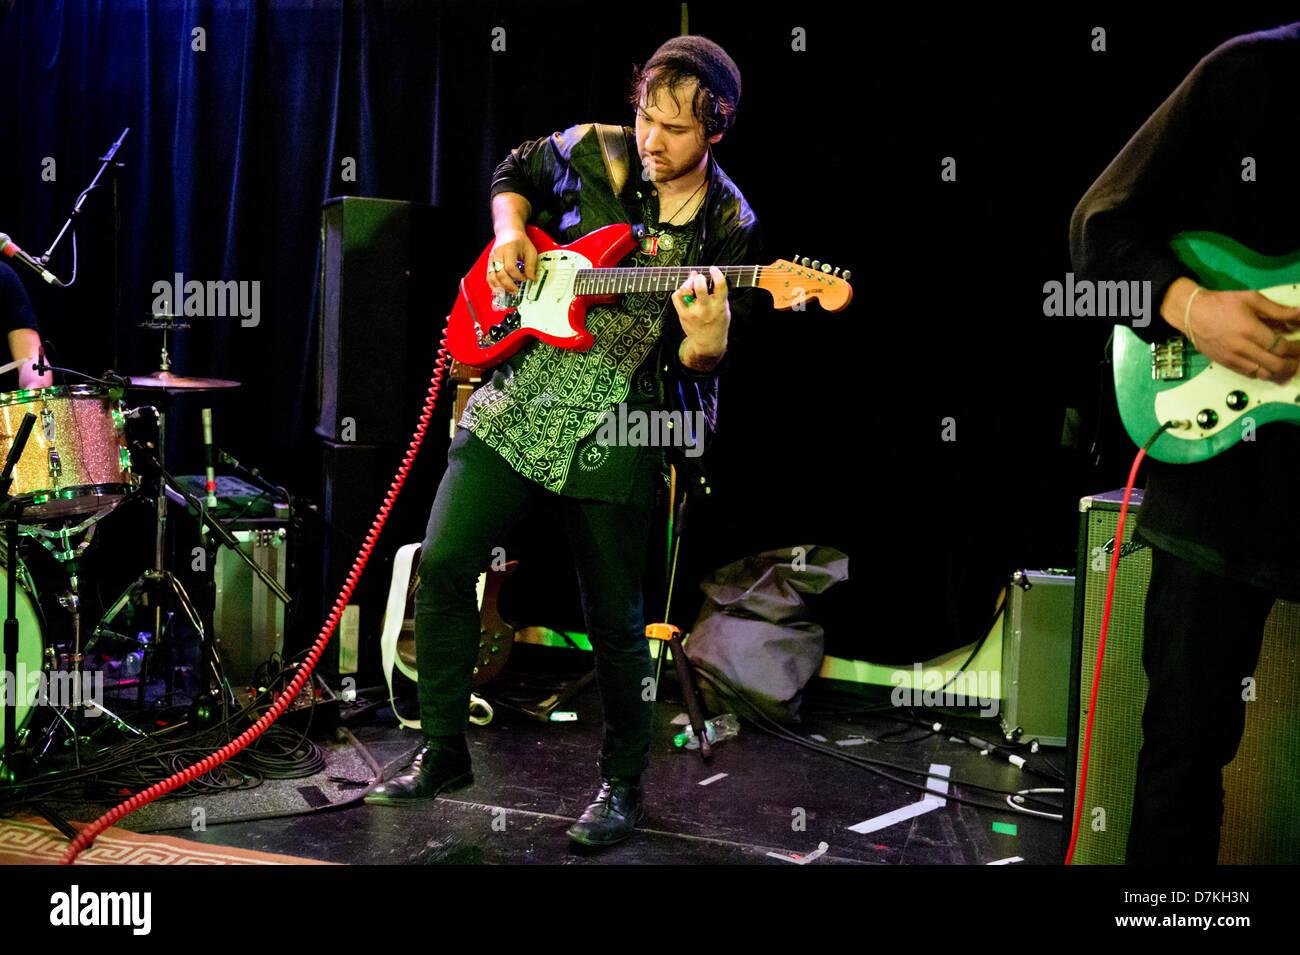 Birmingham, Reino Unido. Banda de rock alternativo La Orquesta Mortal desconocido (de Nueva Zelanda y Estados Unidos) en un concierto en Birmingham Institure 8 de mayo de 2013. Ruban Nielson, cantante y guitarrista. Foto de stock